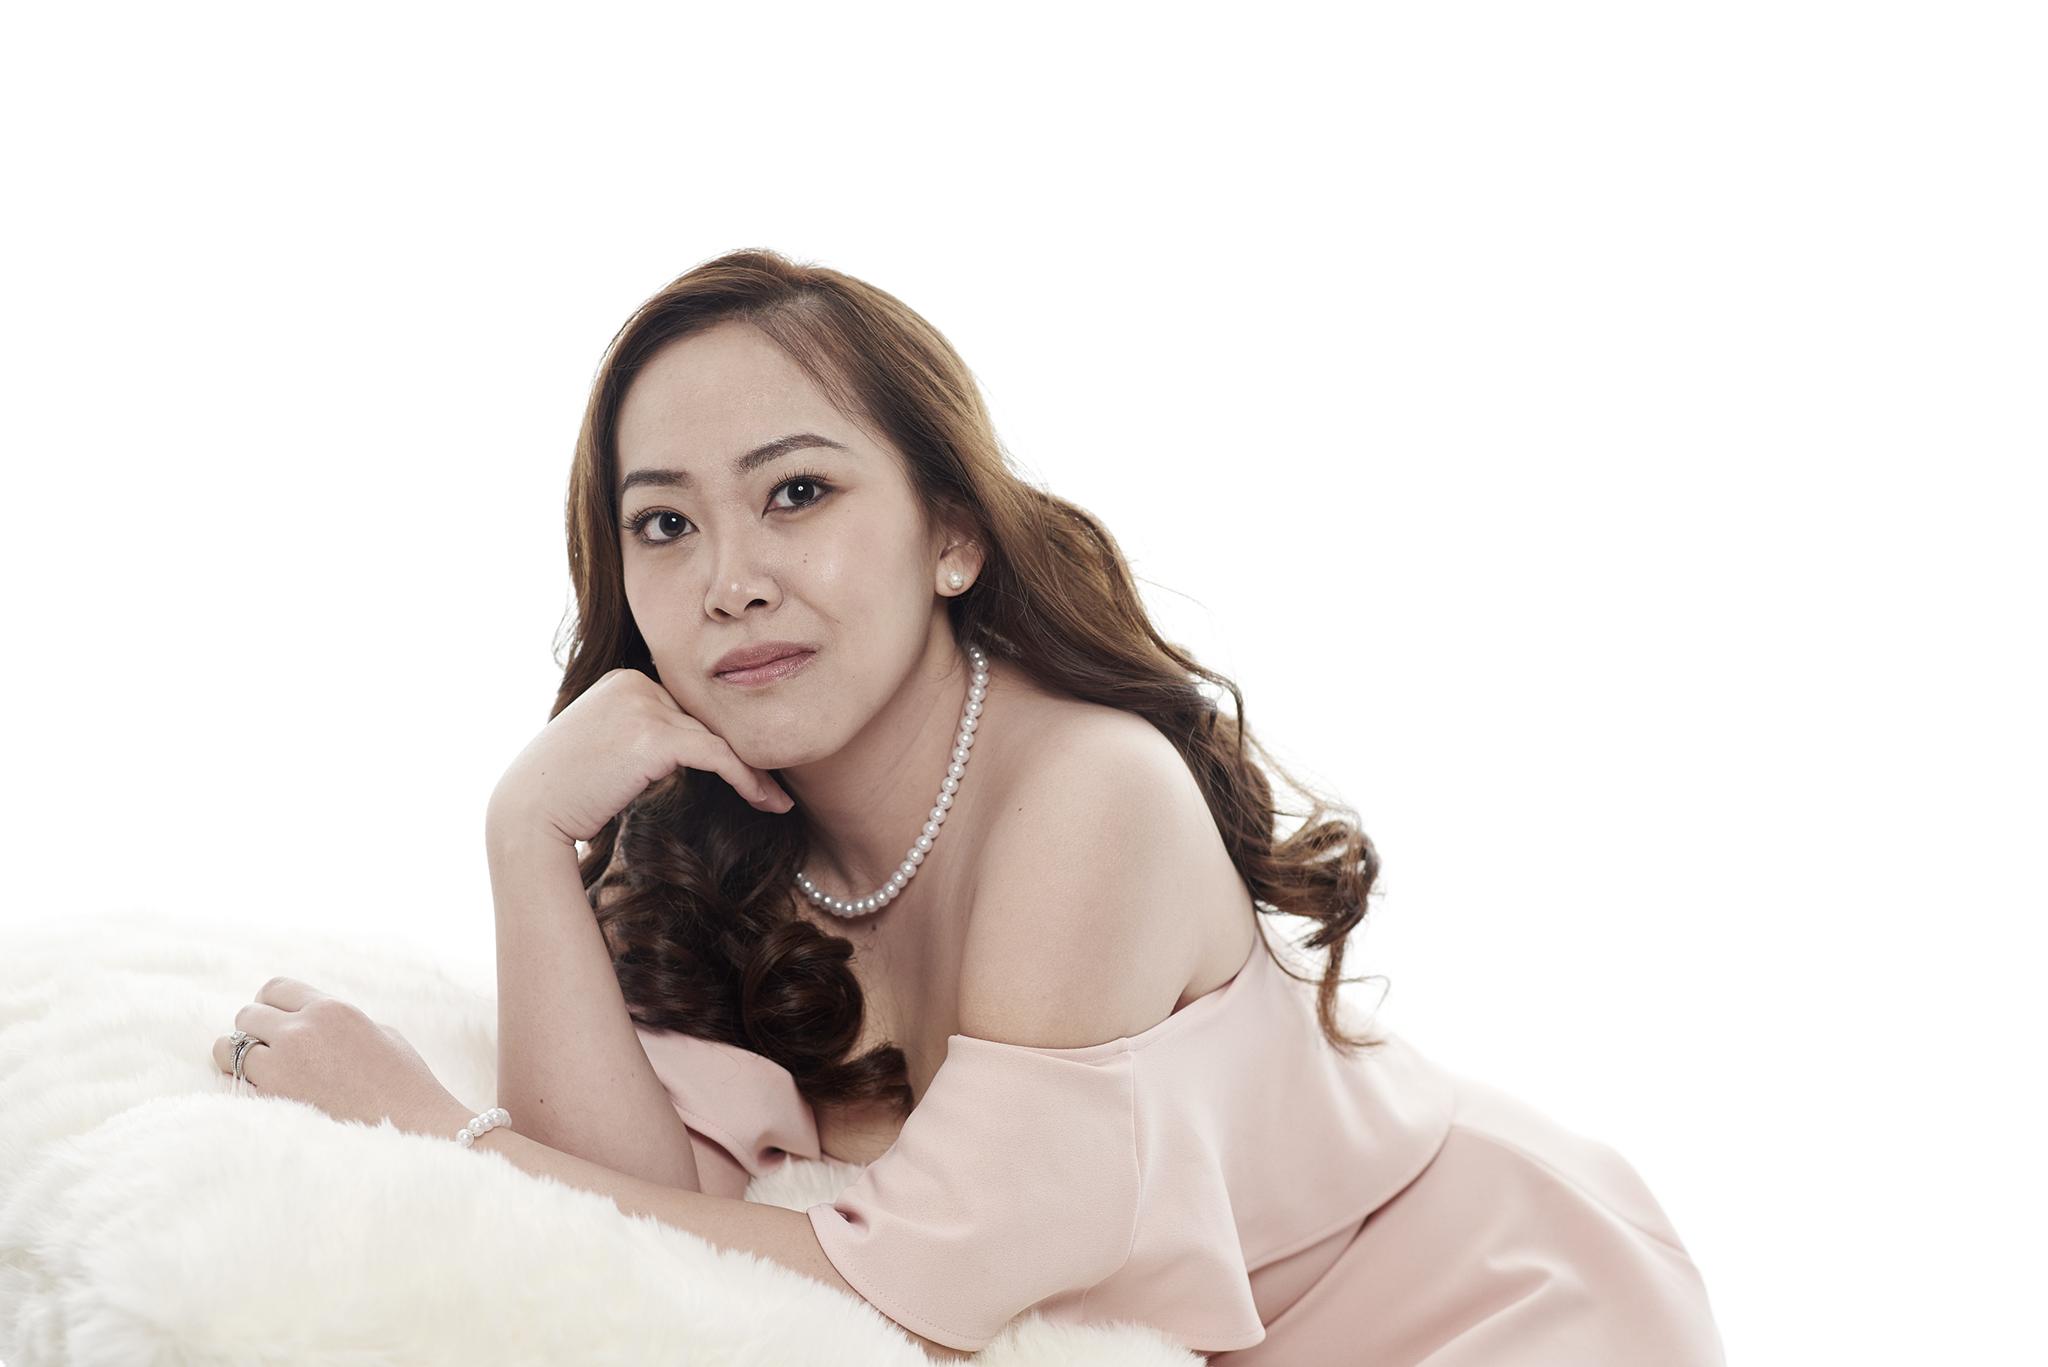 Sophie M. lee - Music Artist